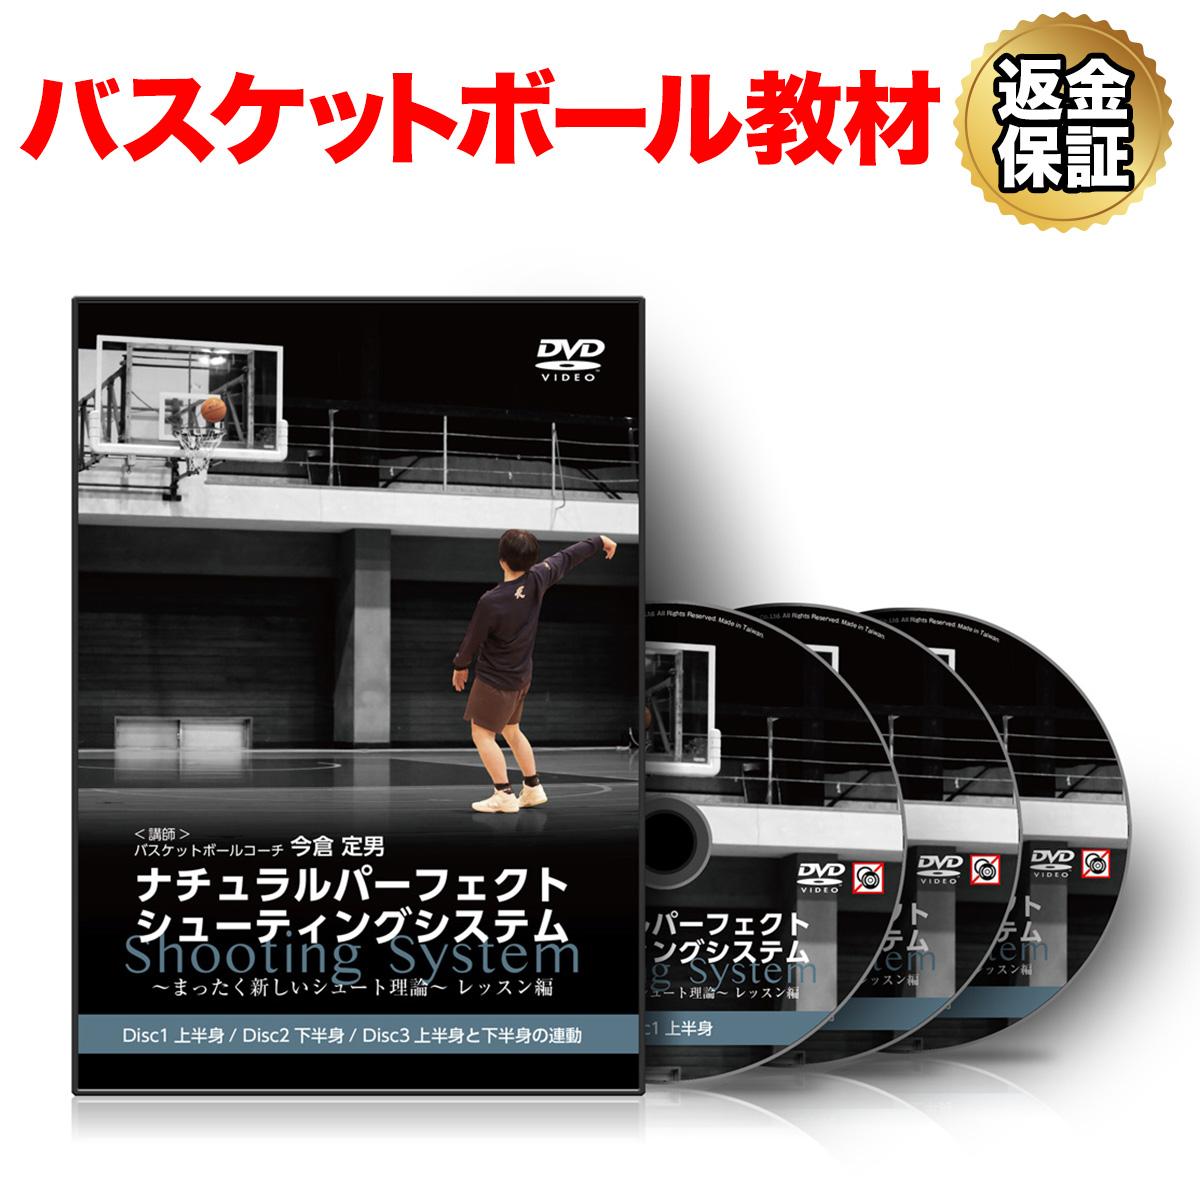 バスケットボール 教材 DVD ナチュラルパーフェクトシューティングシステム ~まったく新しいシュート理論~ レッスン編